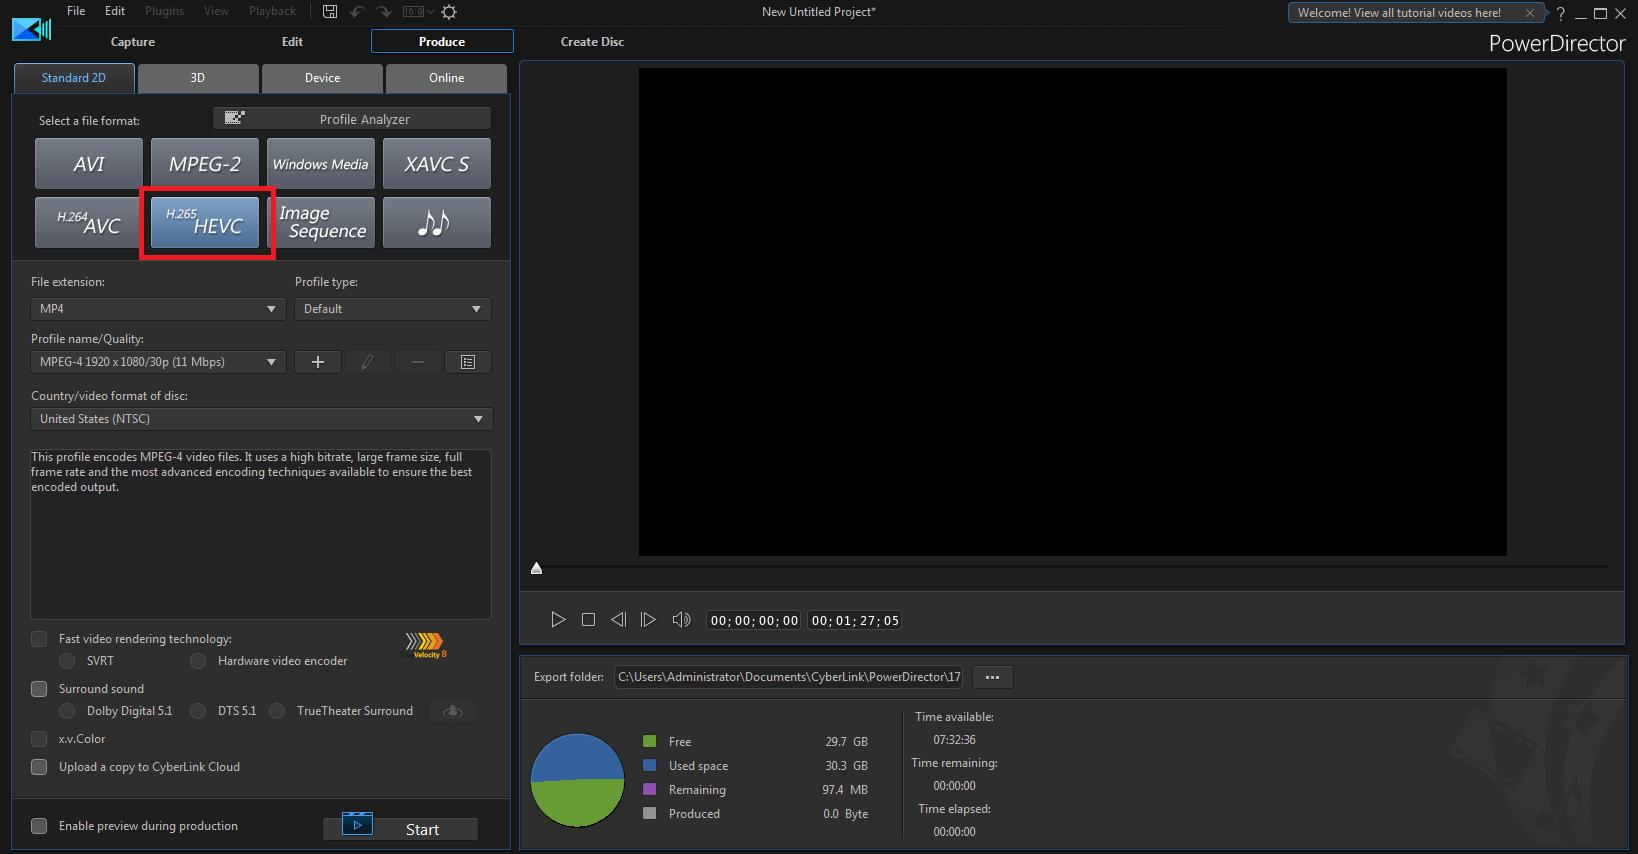 افضل برامج انتاج الفيديو والأفلام